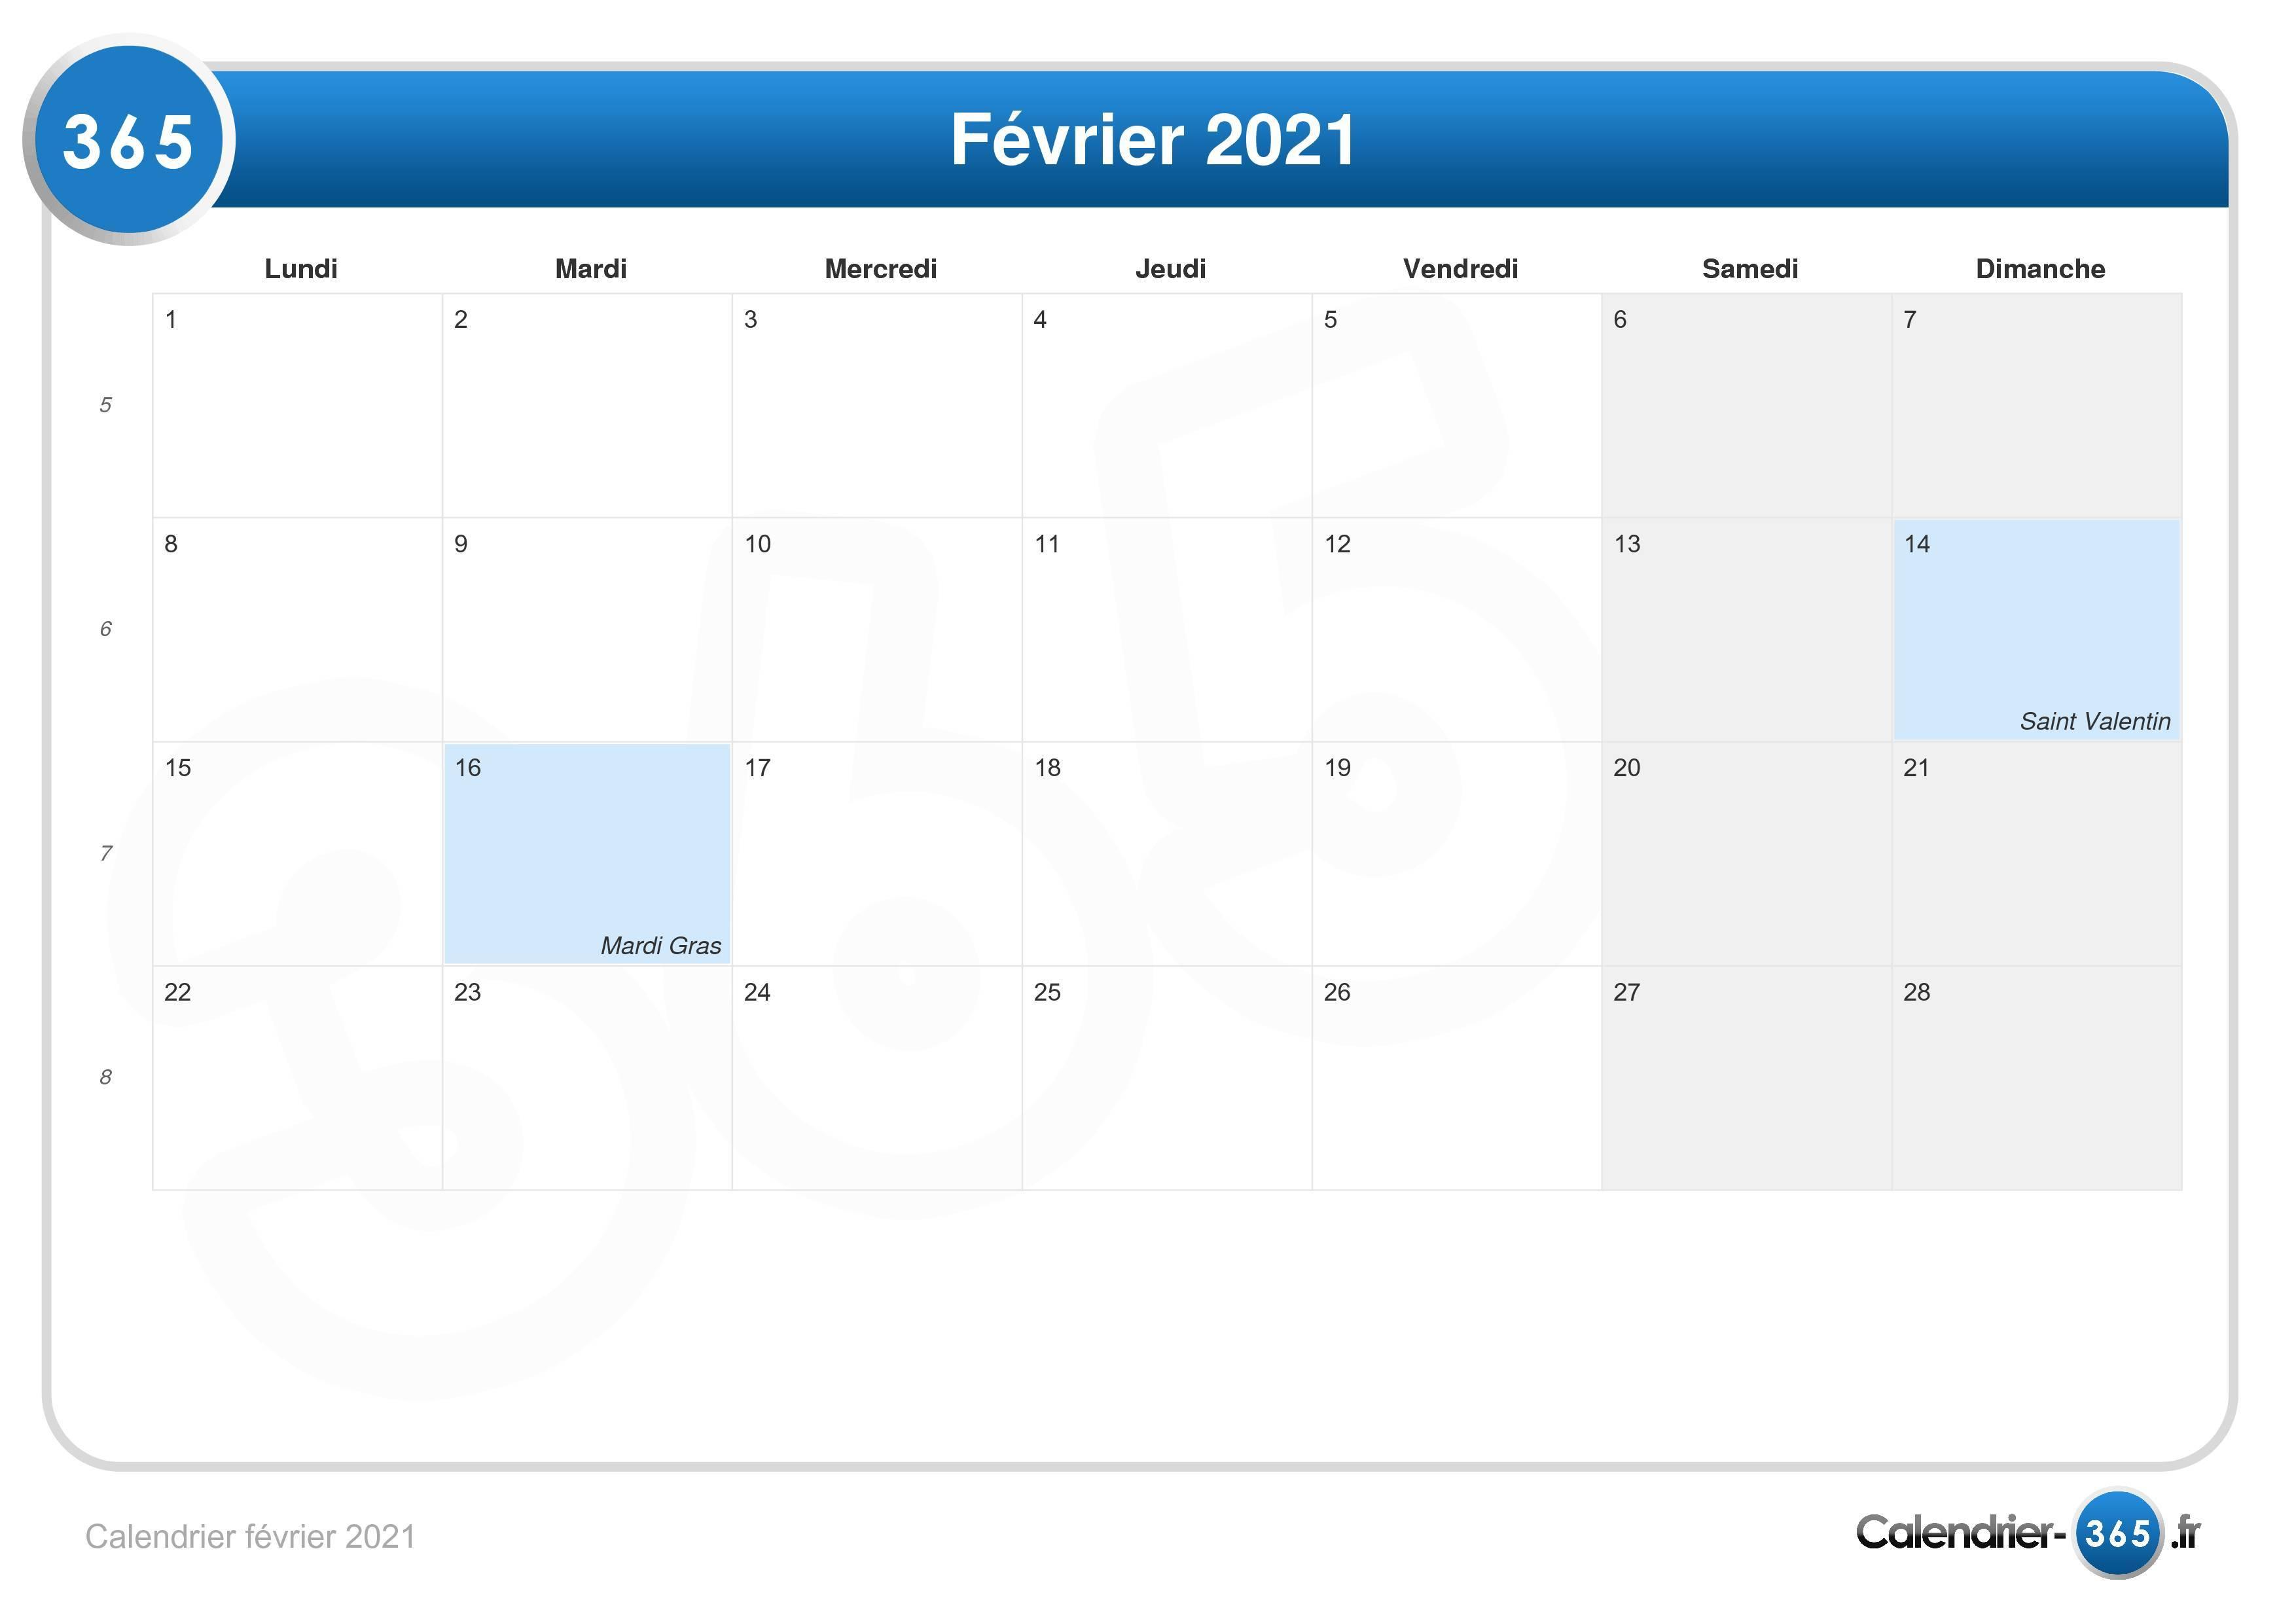 Calendrier février 2021